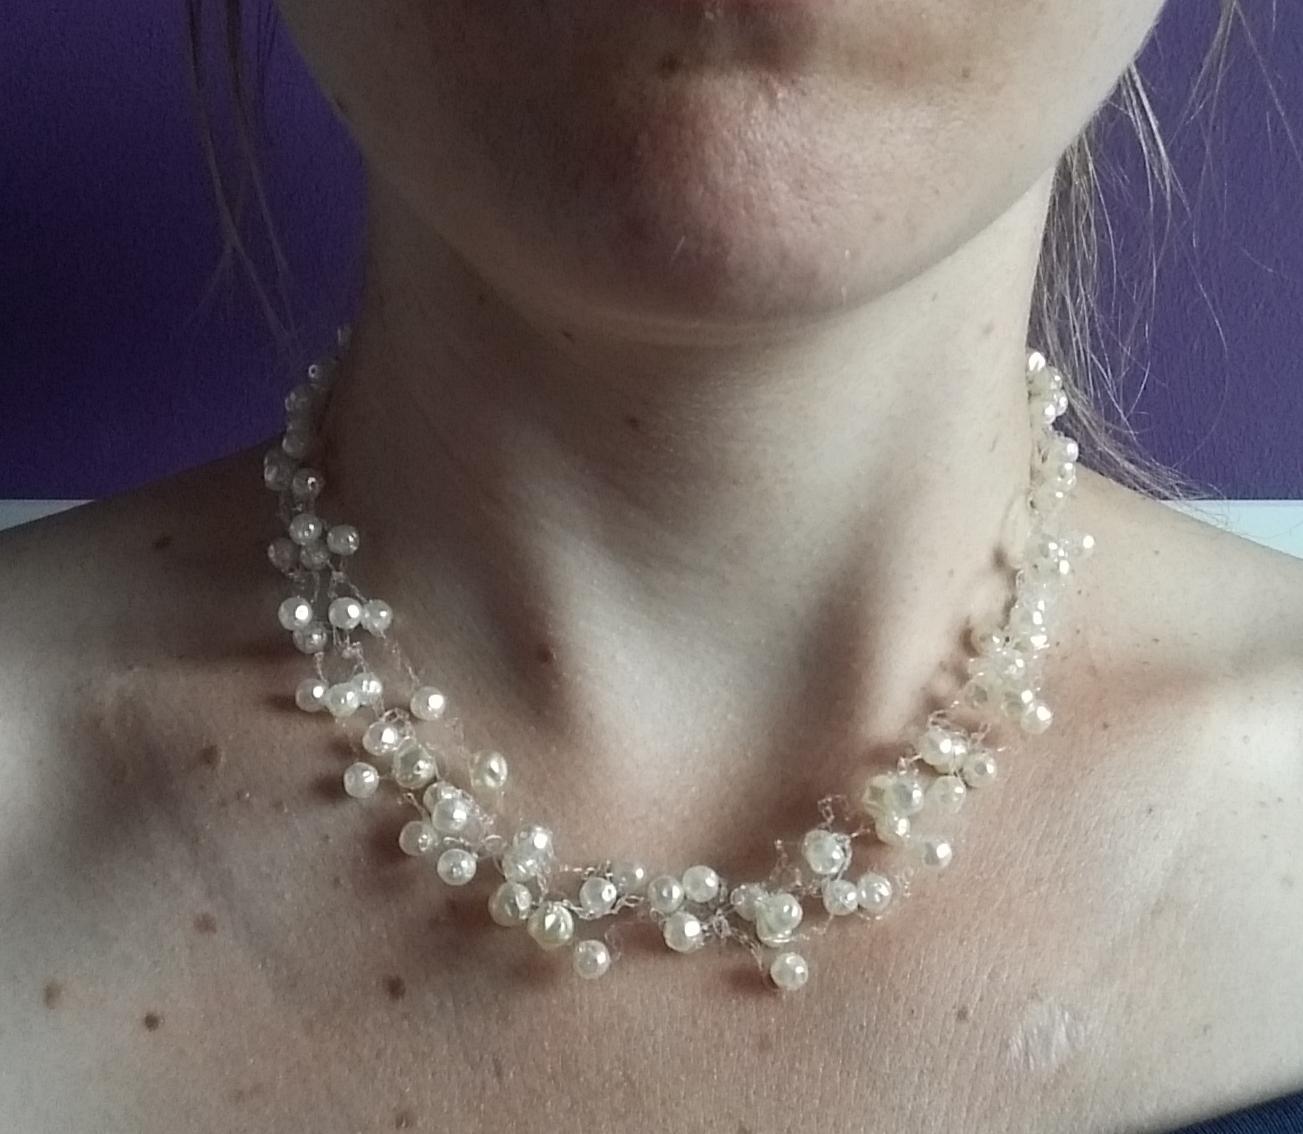 Korálkový/perličkový náhrdelník + 2 páry naušnic - Obrázek č. 4